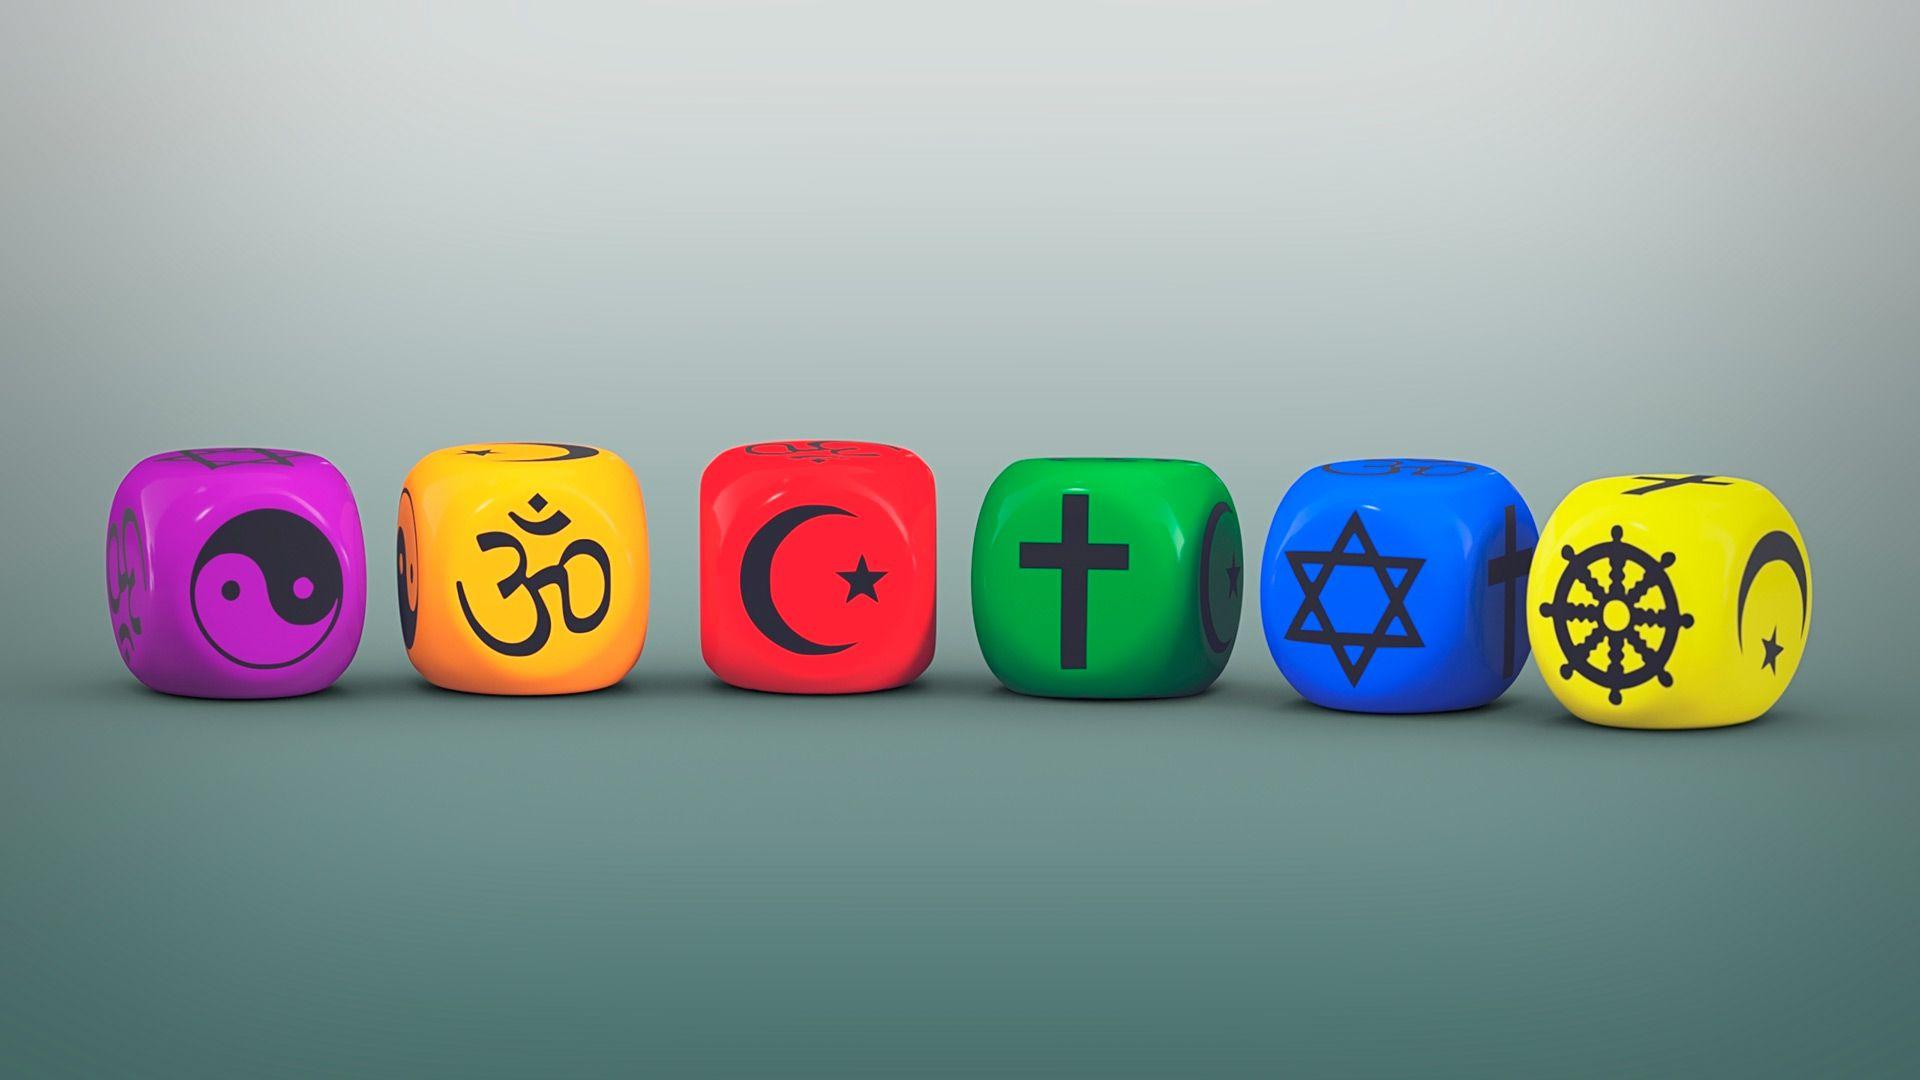 En 70 países es ilegal la homosexualidad. En 11 de ellos rige la pena de muerte, de acuerdo a lo establecido por la ley islámica o Sharia Law (Shutterstock)